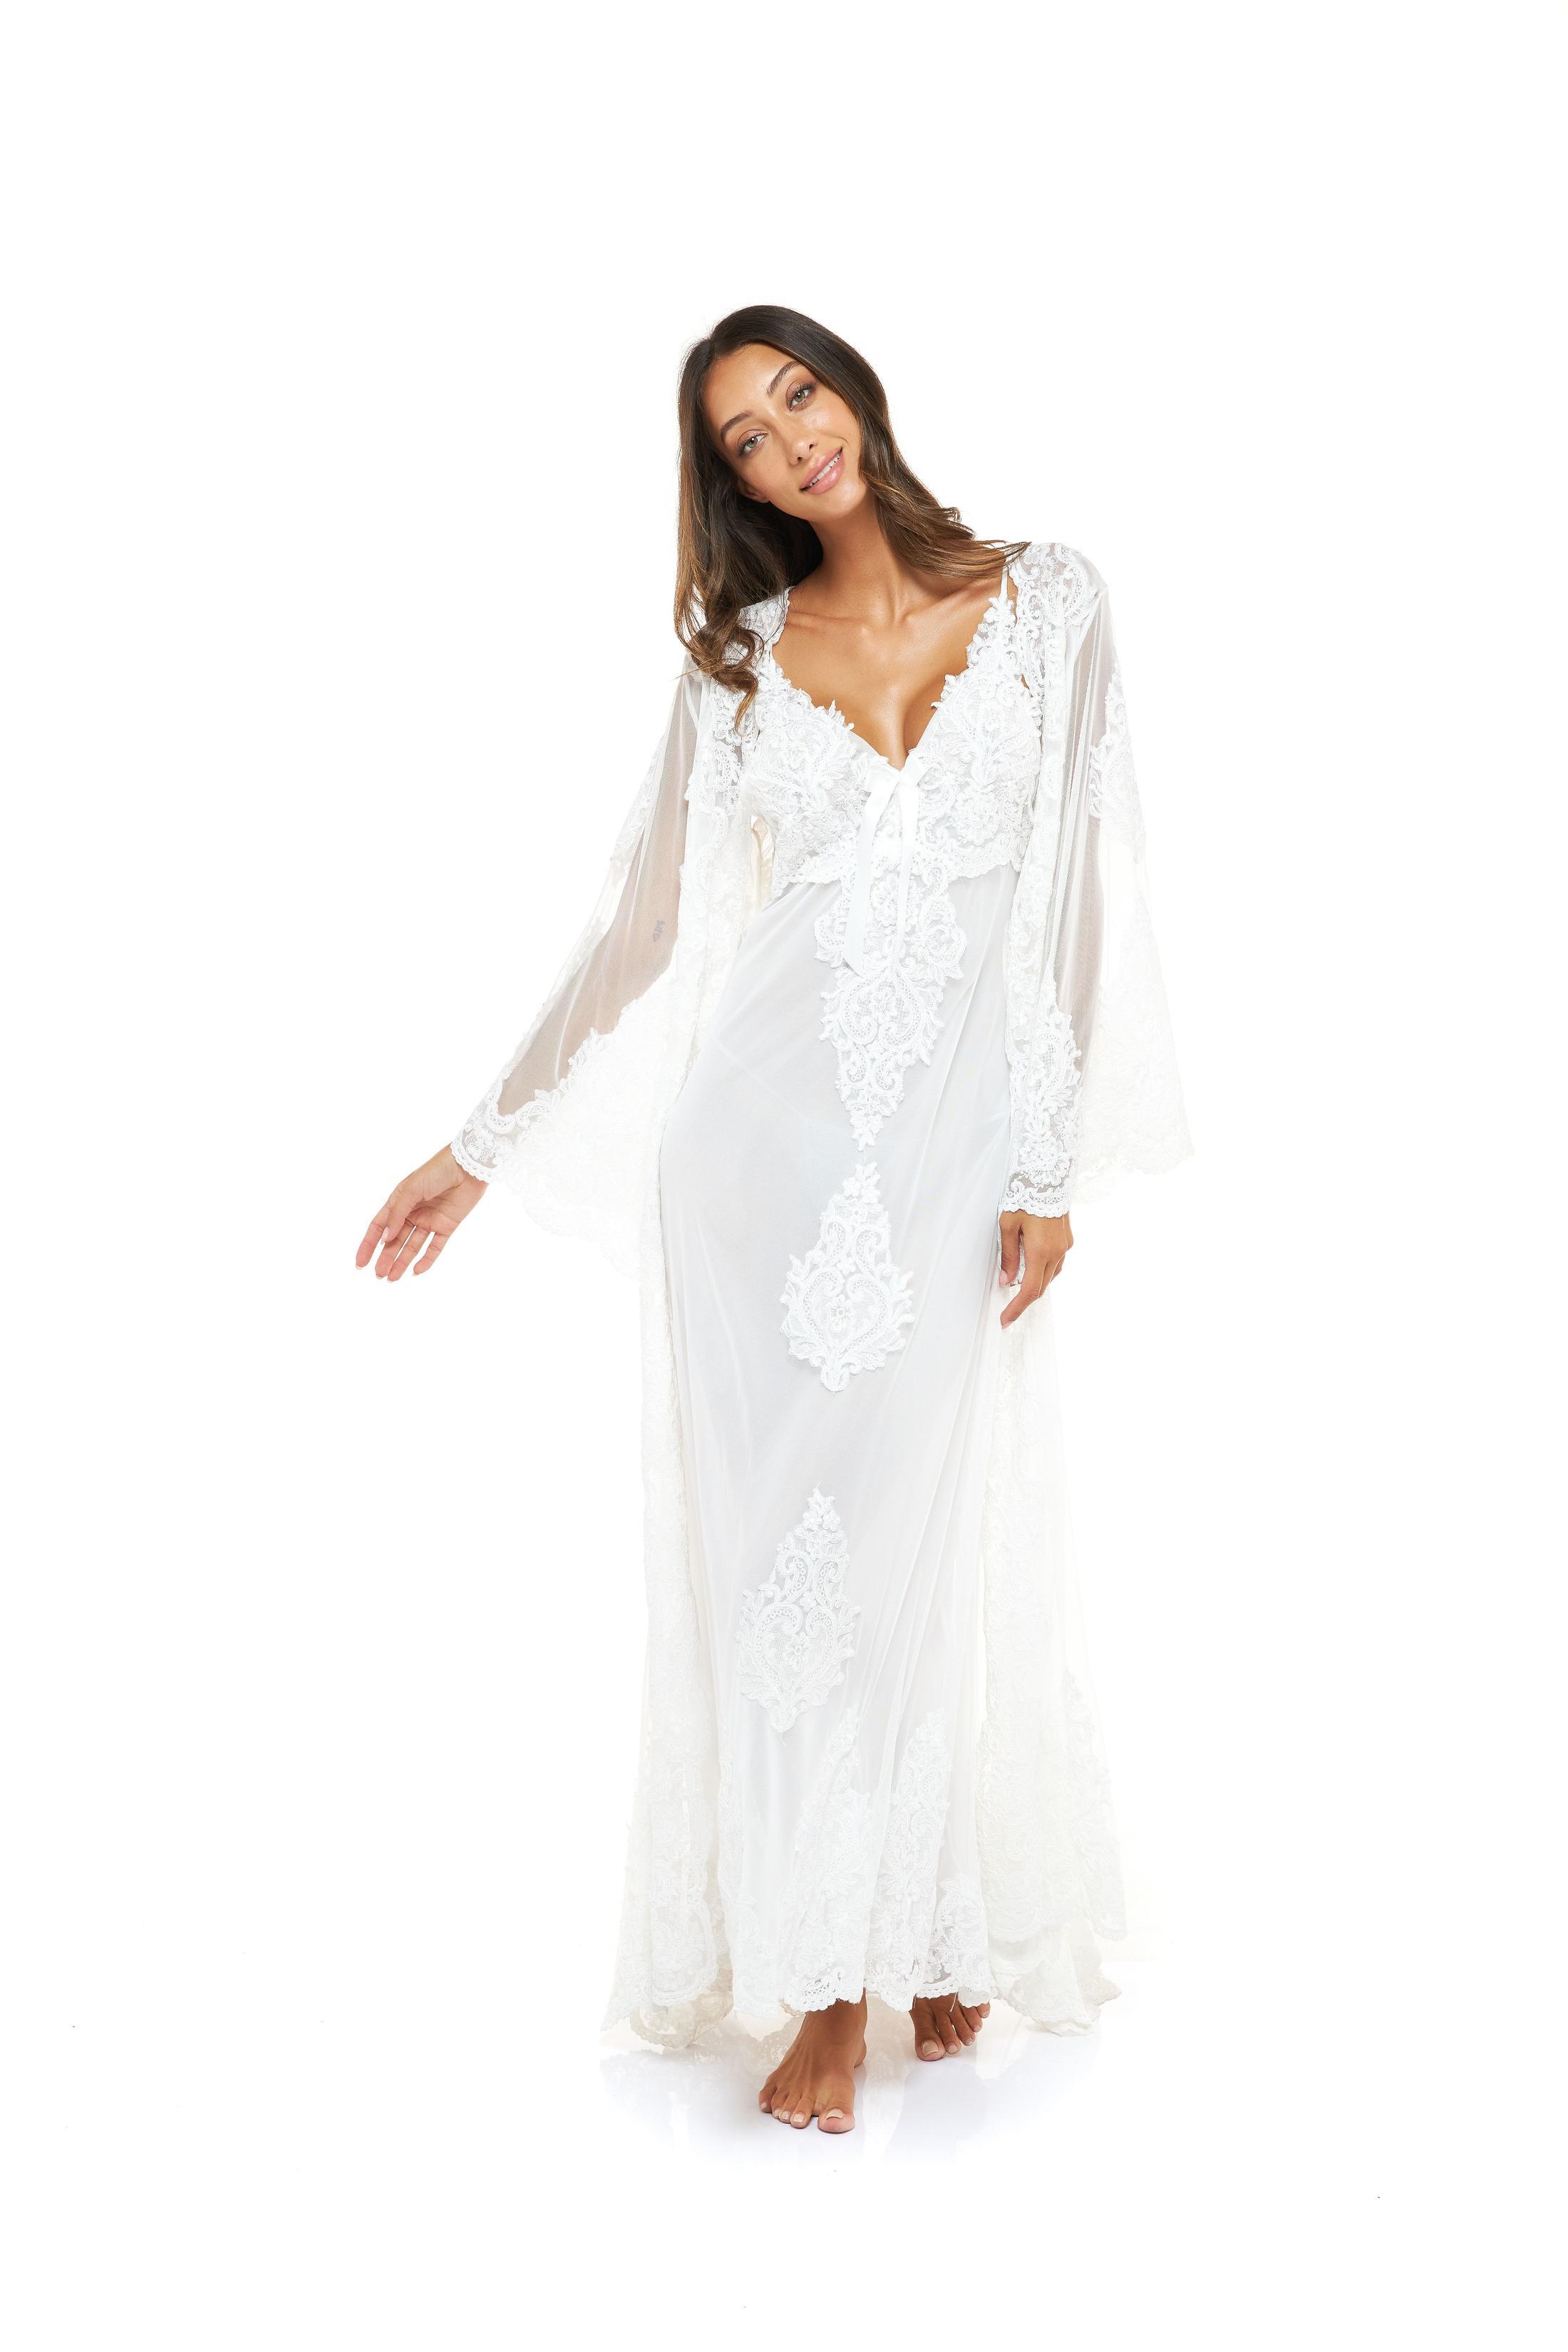 Dahlia Bridal Nightdress & Robe Set - White